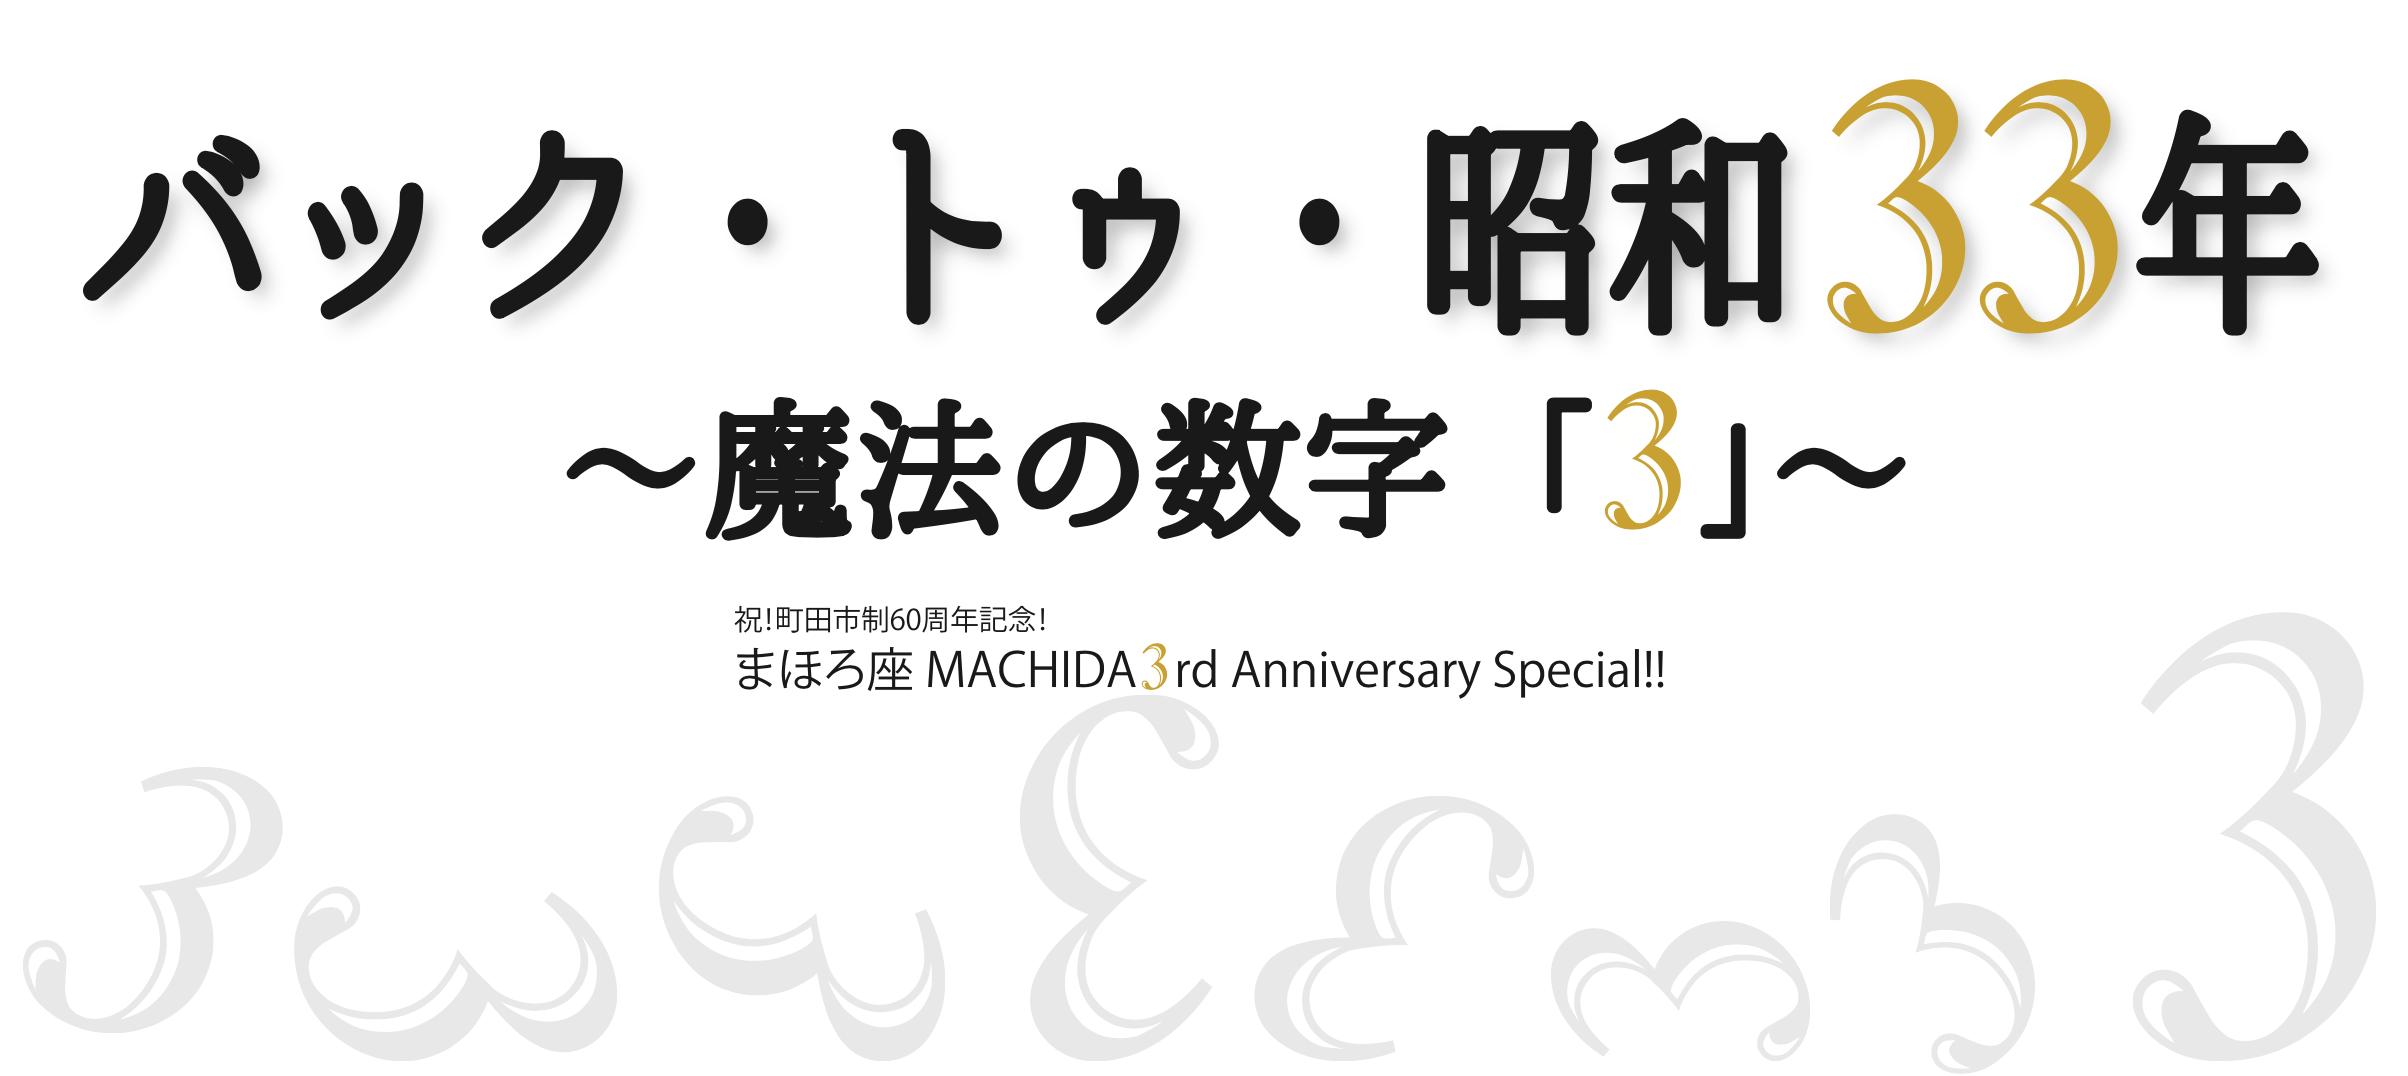 バック・トゥ・昭和33年 〜魔法の数字「3」〜